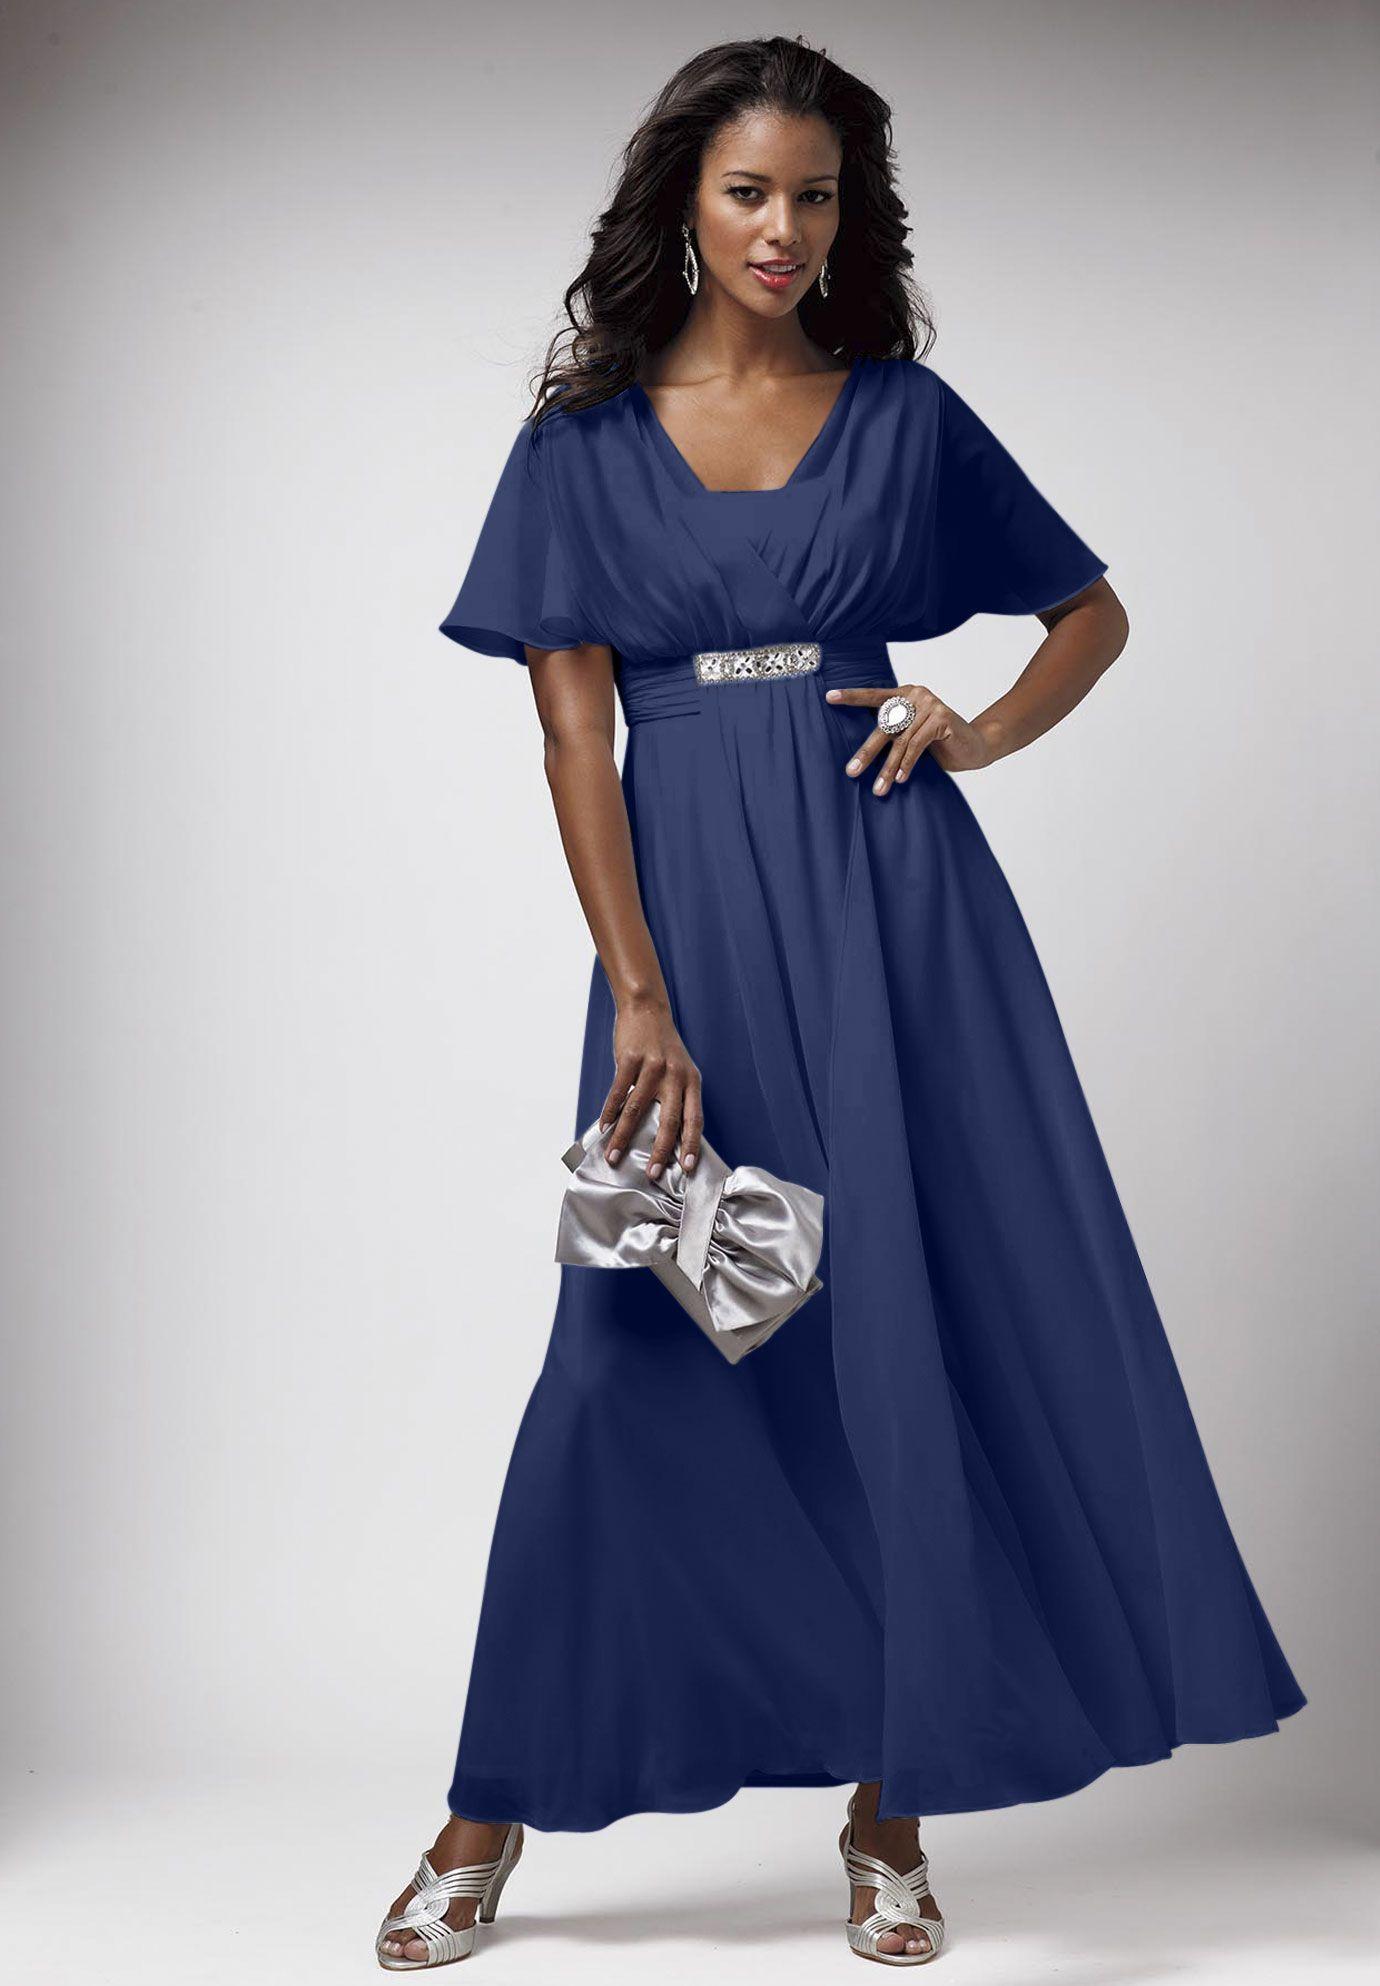 Plus Size Jeweled Chiffon Gown | Plus Size Dresses | Roamans